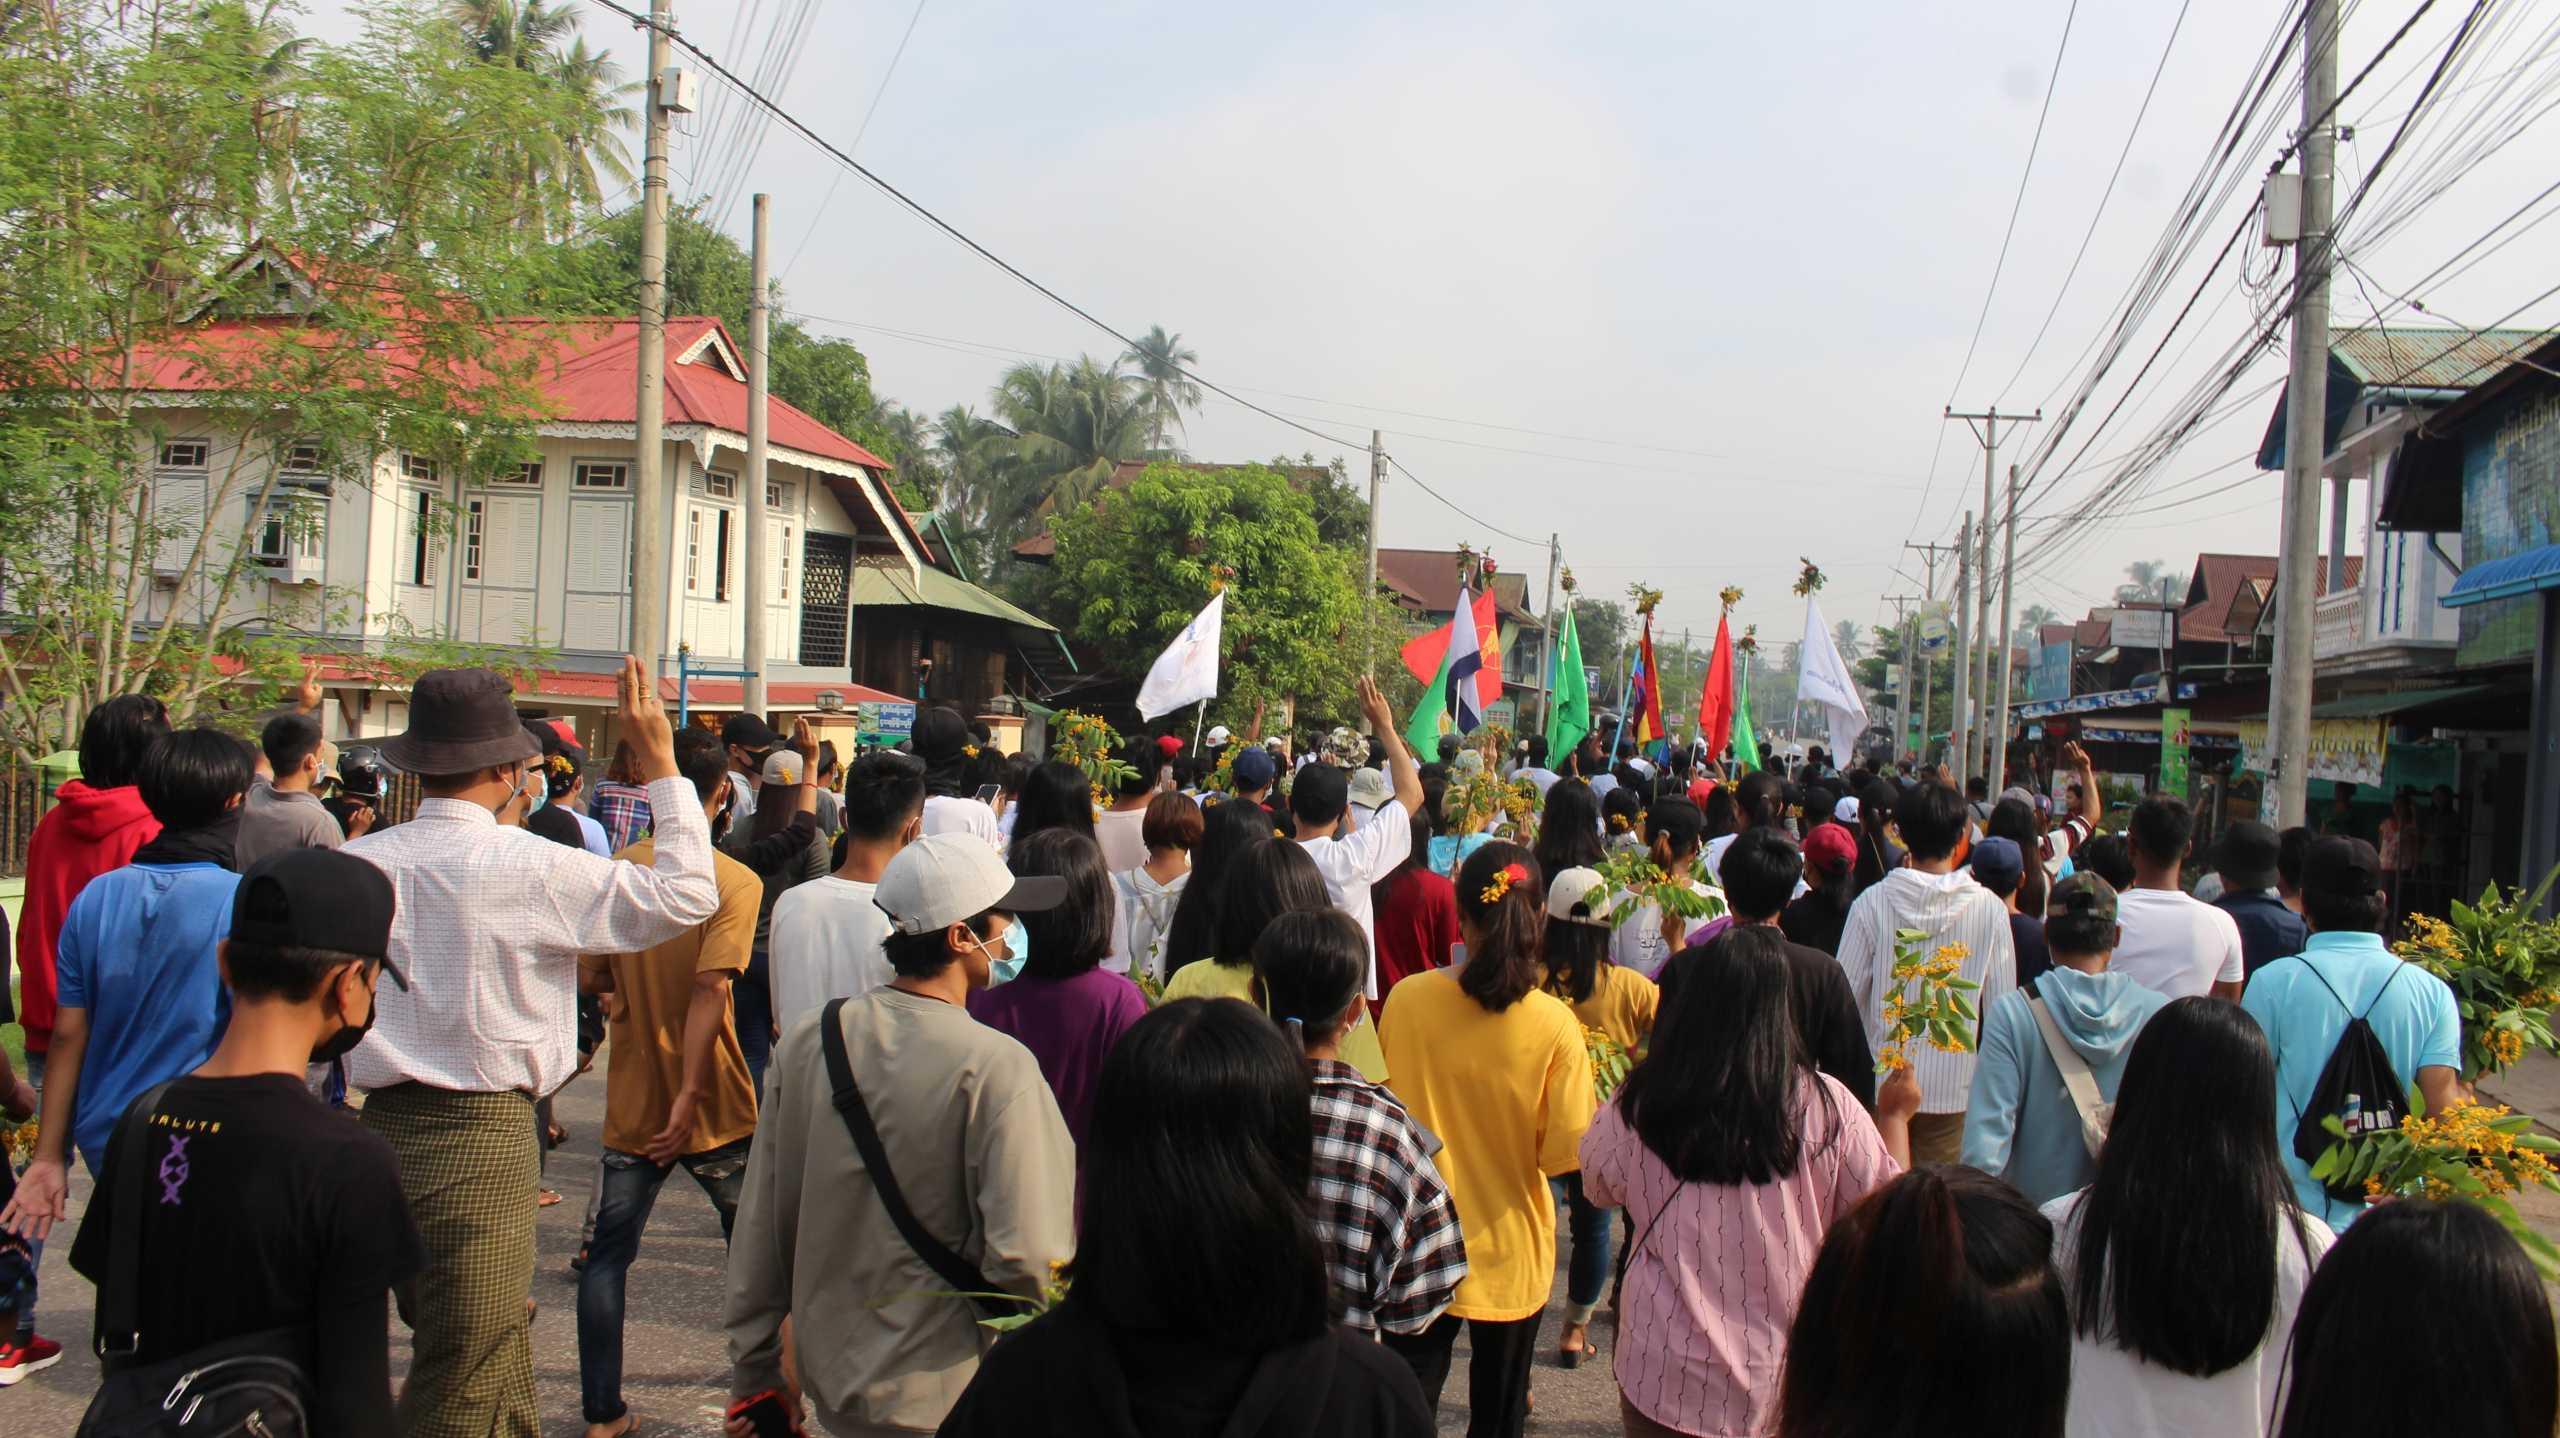 Πραξικόπημα Μιανμάρ: Ο στρατός άνοιξε πυρ εναντίον διαδήλωσης υγειονομικών – Πληροφορίες για θύματα (pics)